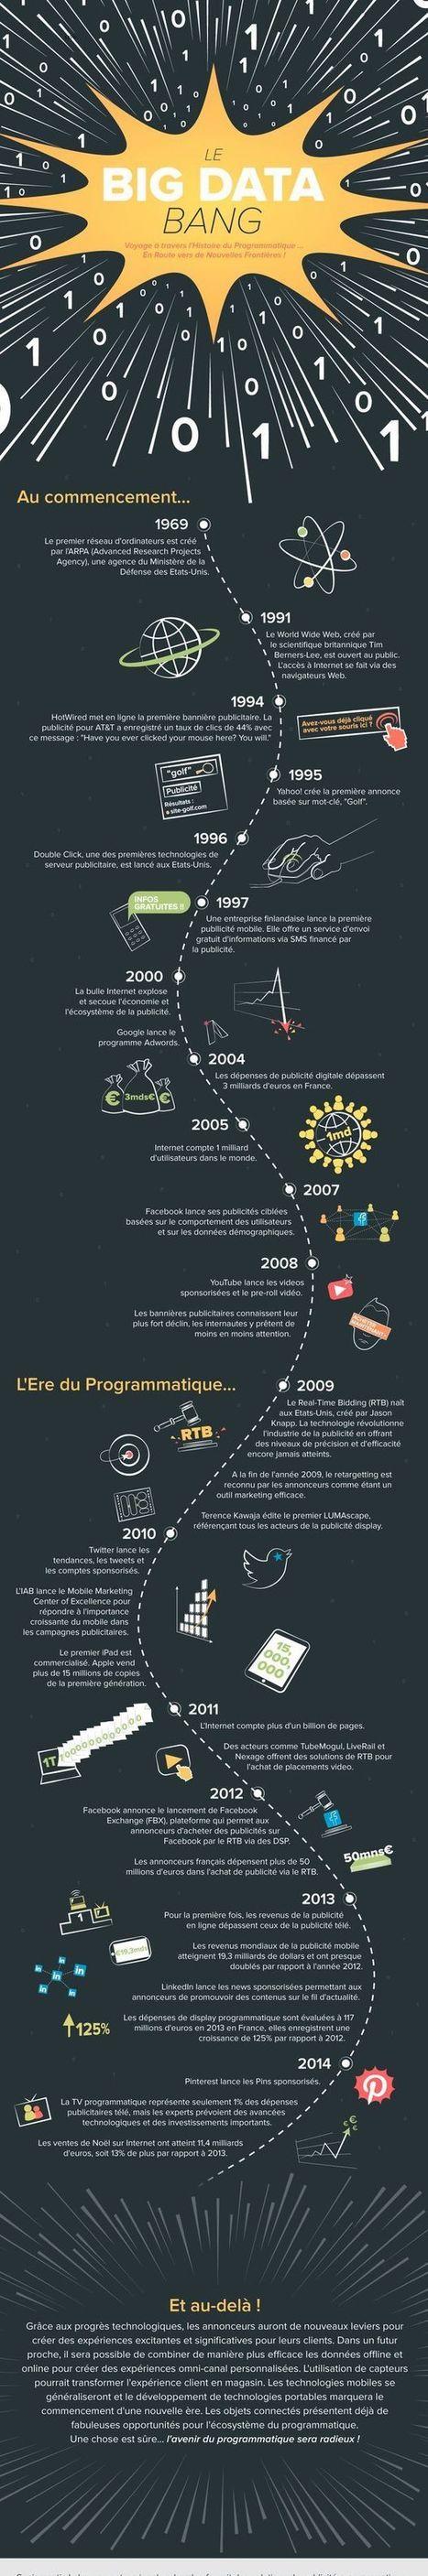 Histoire de la publicité programmatique (infographie) | Acheteurs Acheteuses du siècle 21 - Buyers of 21th century | Scoop.it